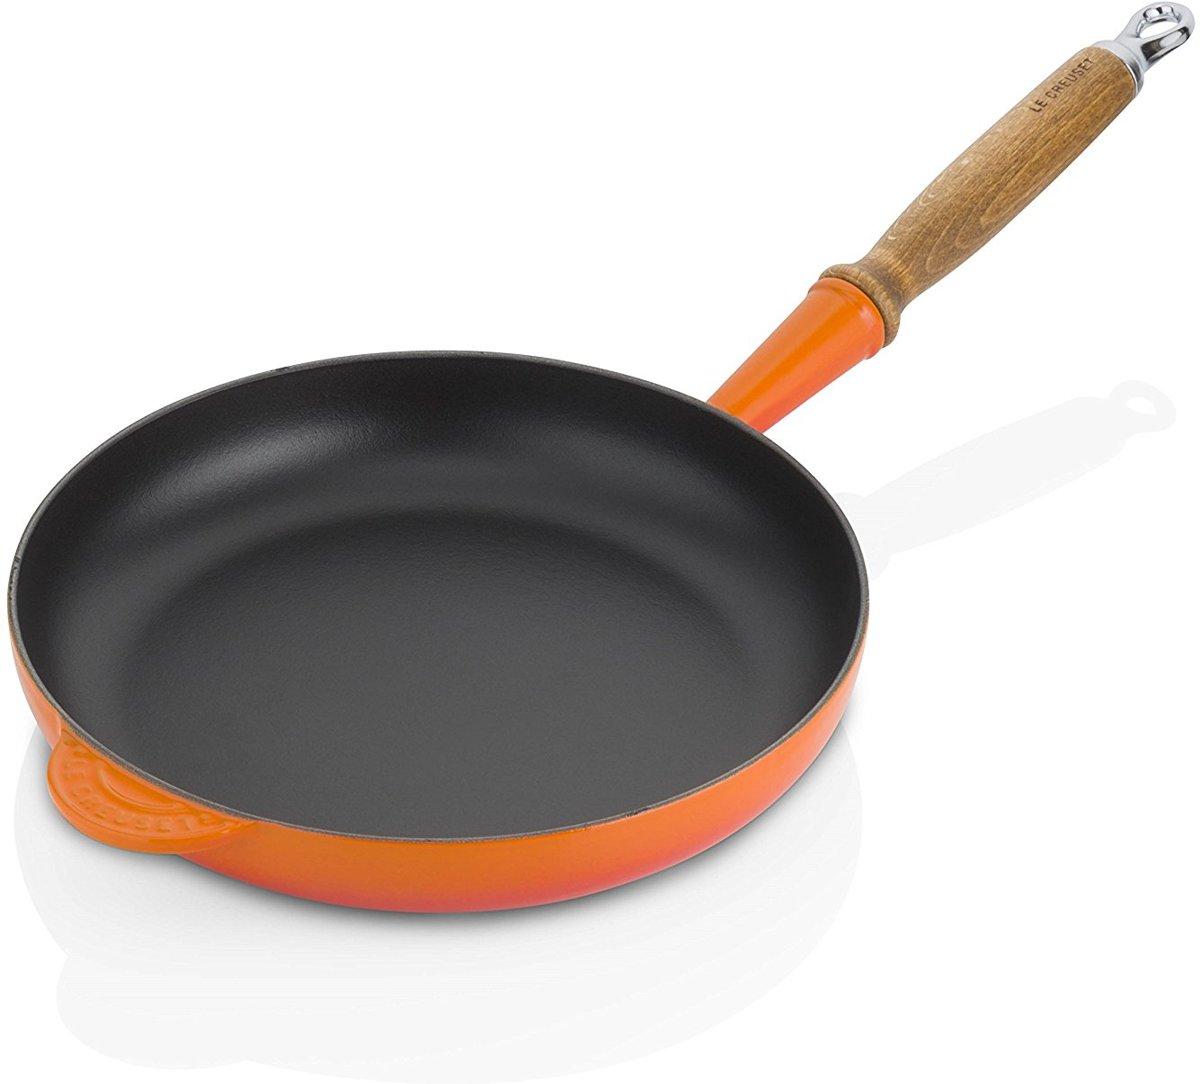 Le Creuset gietijzeren koekenpan met houten handvat 28cm oranjerood